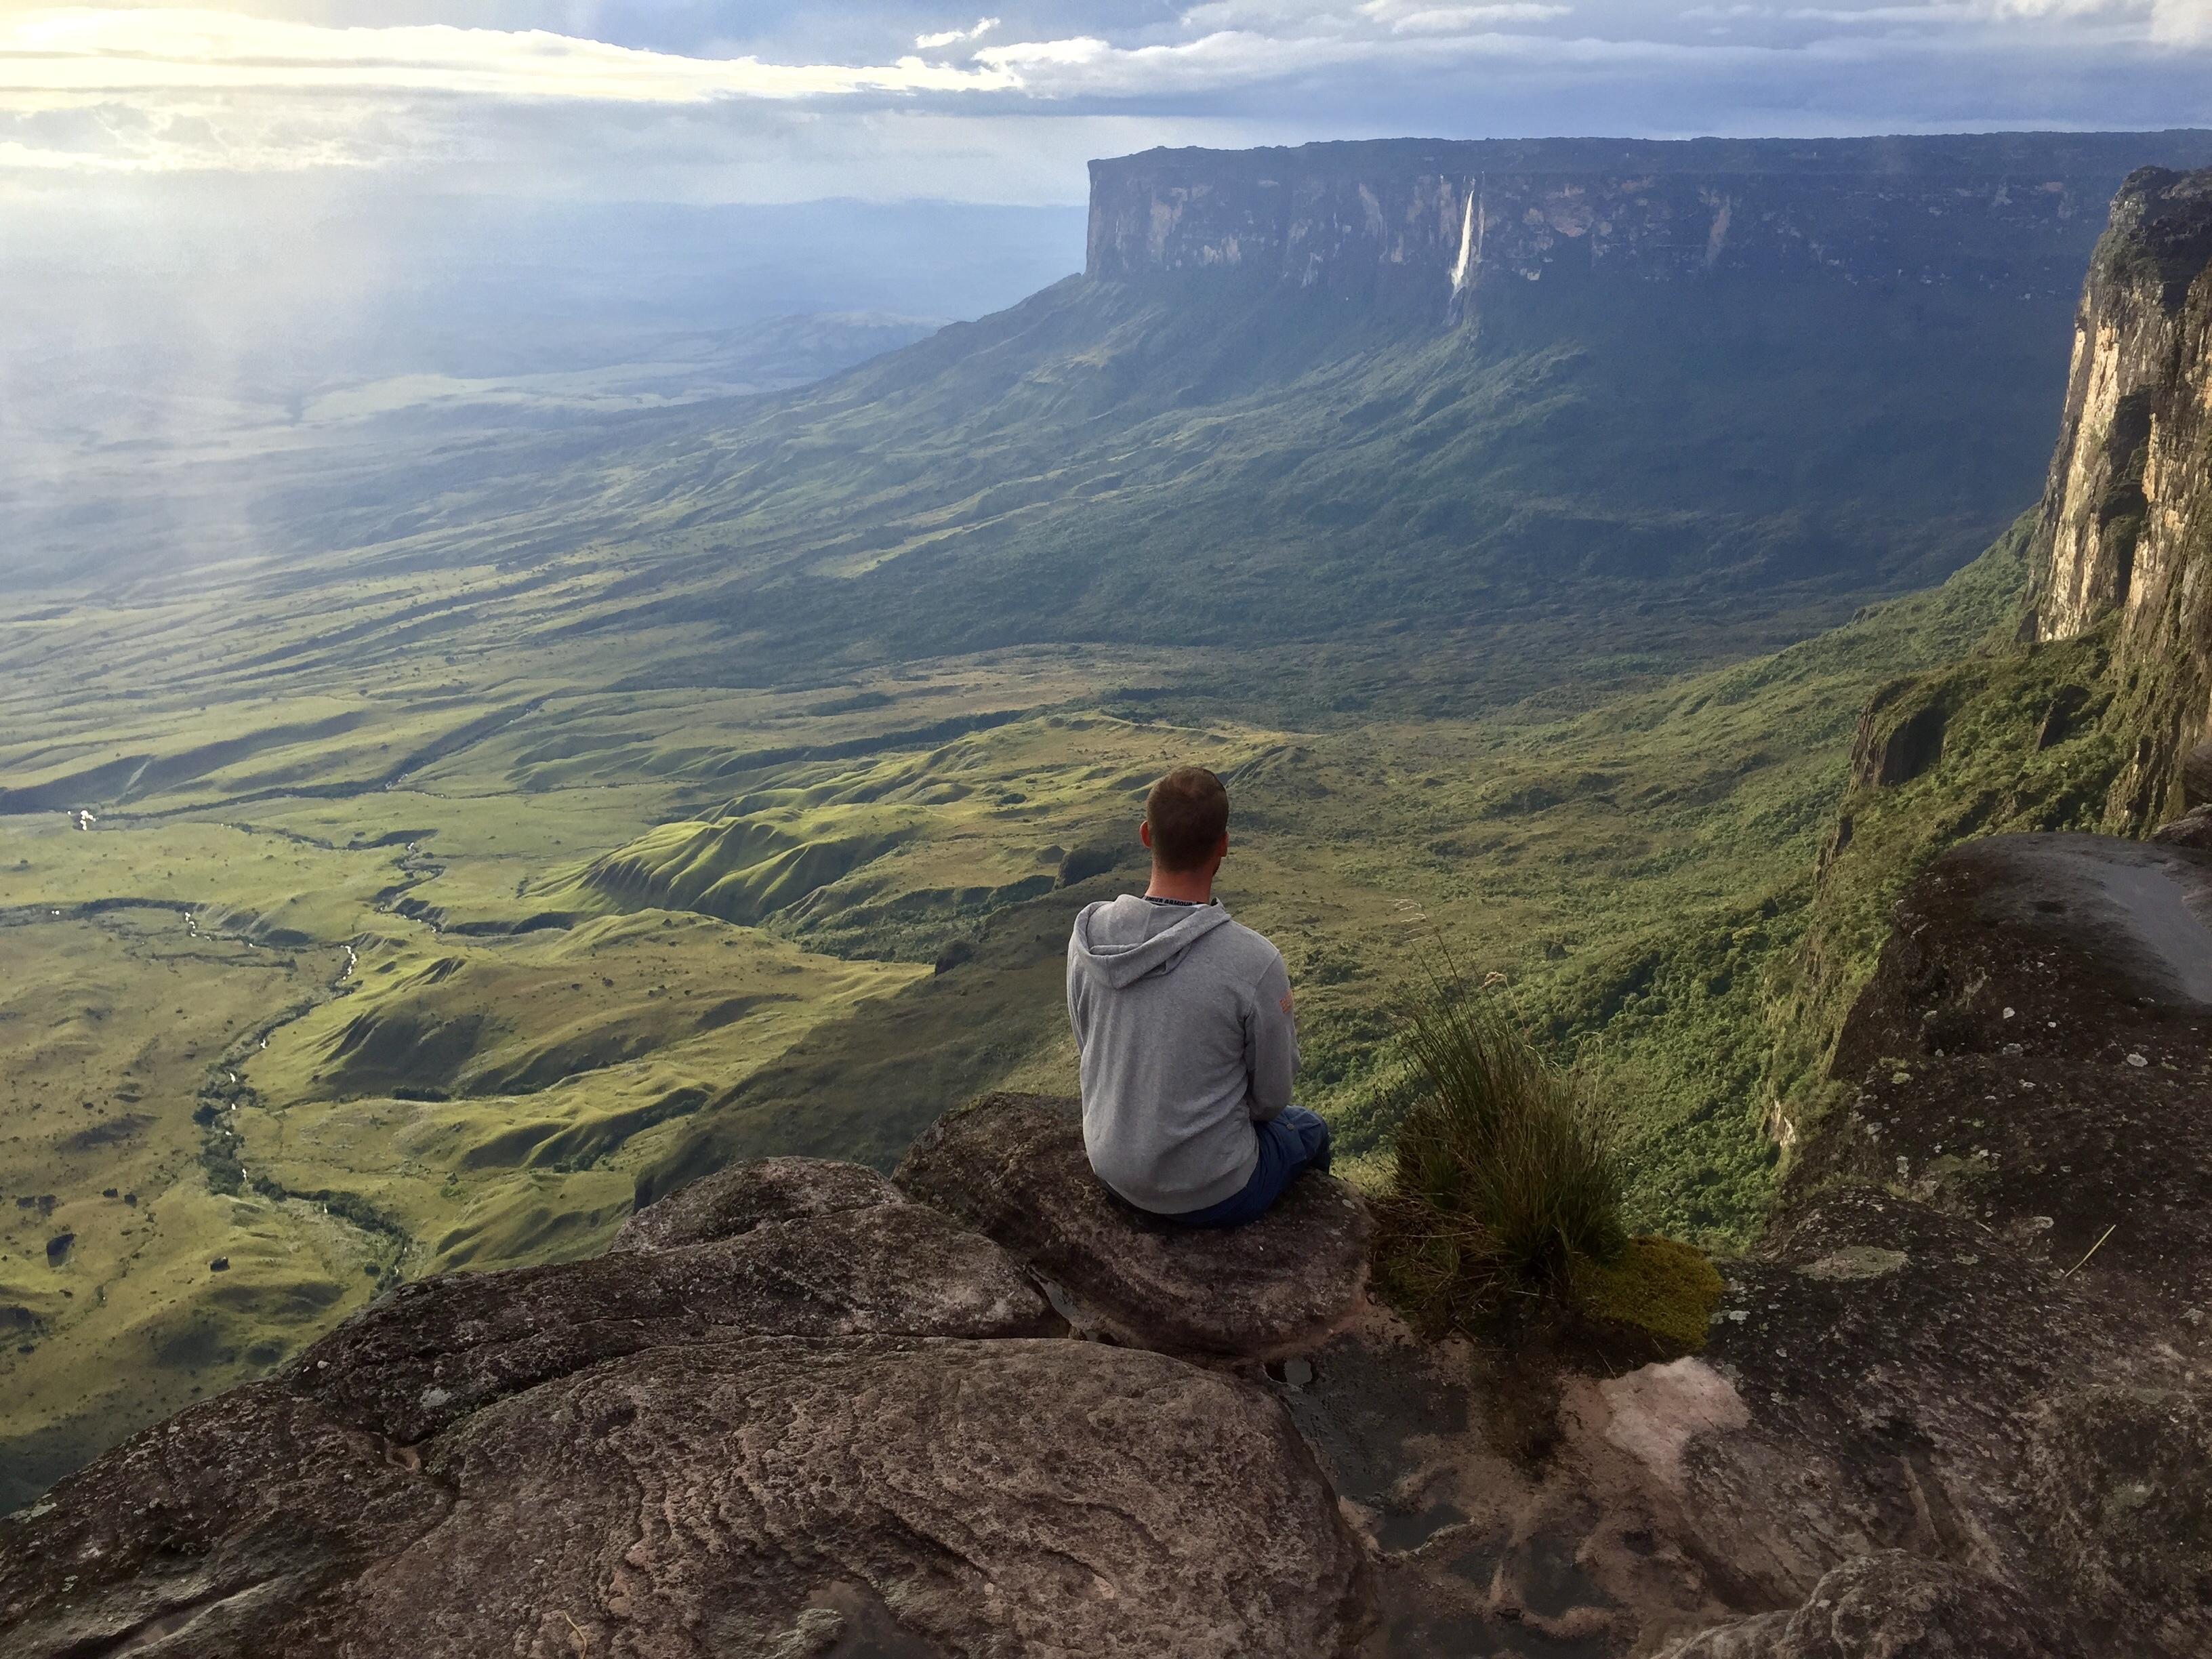 Pohľad zo stolovej hory Roraima na horu Kukenán a druhý najvyšší vodopád planéty Salto Kukenán